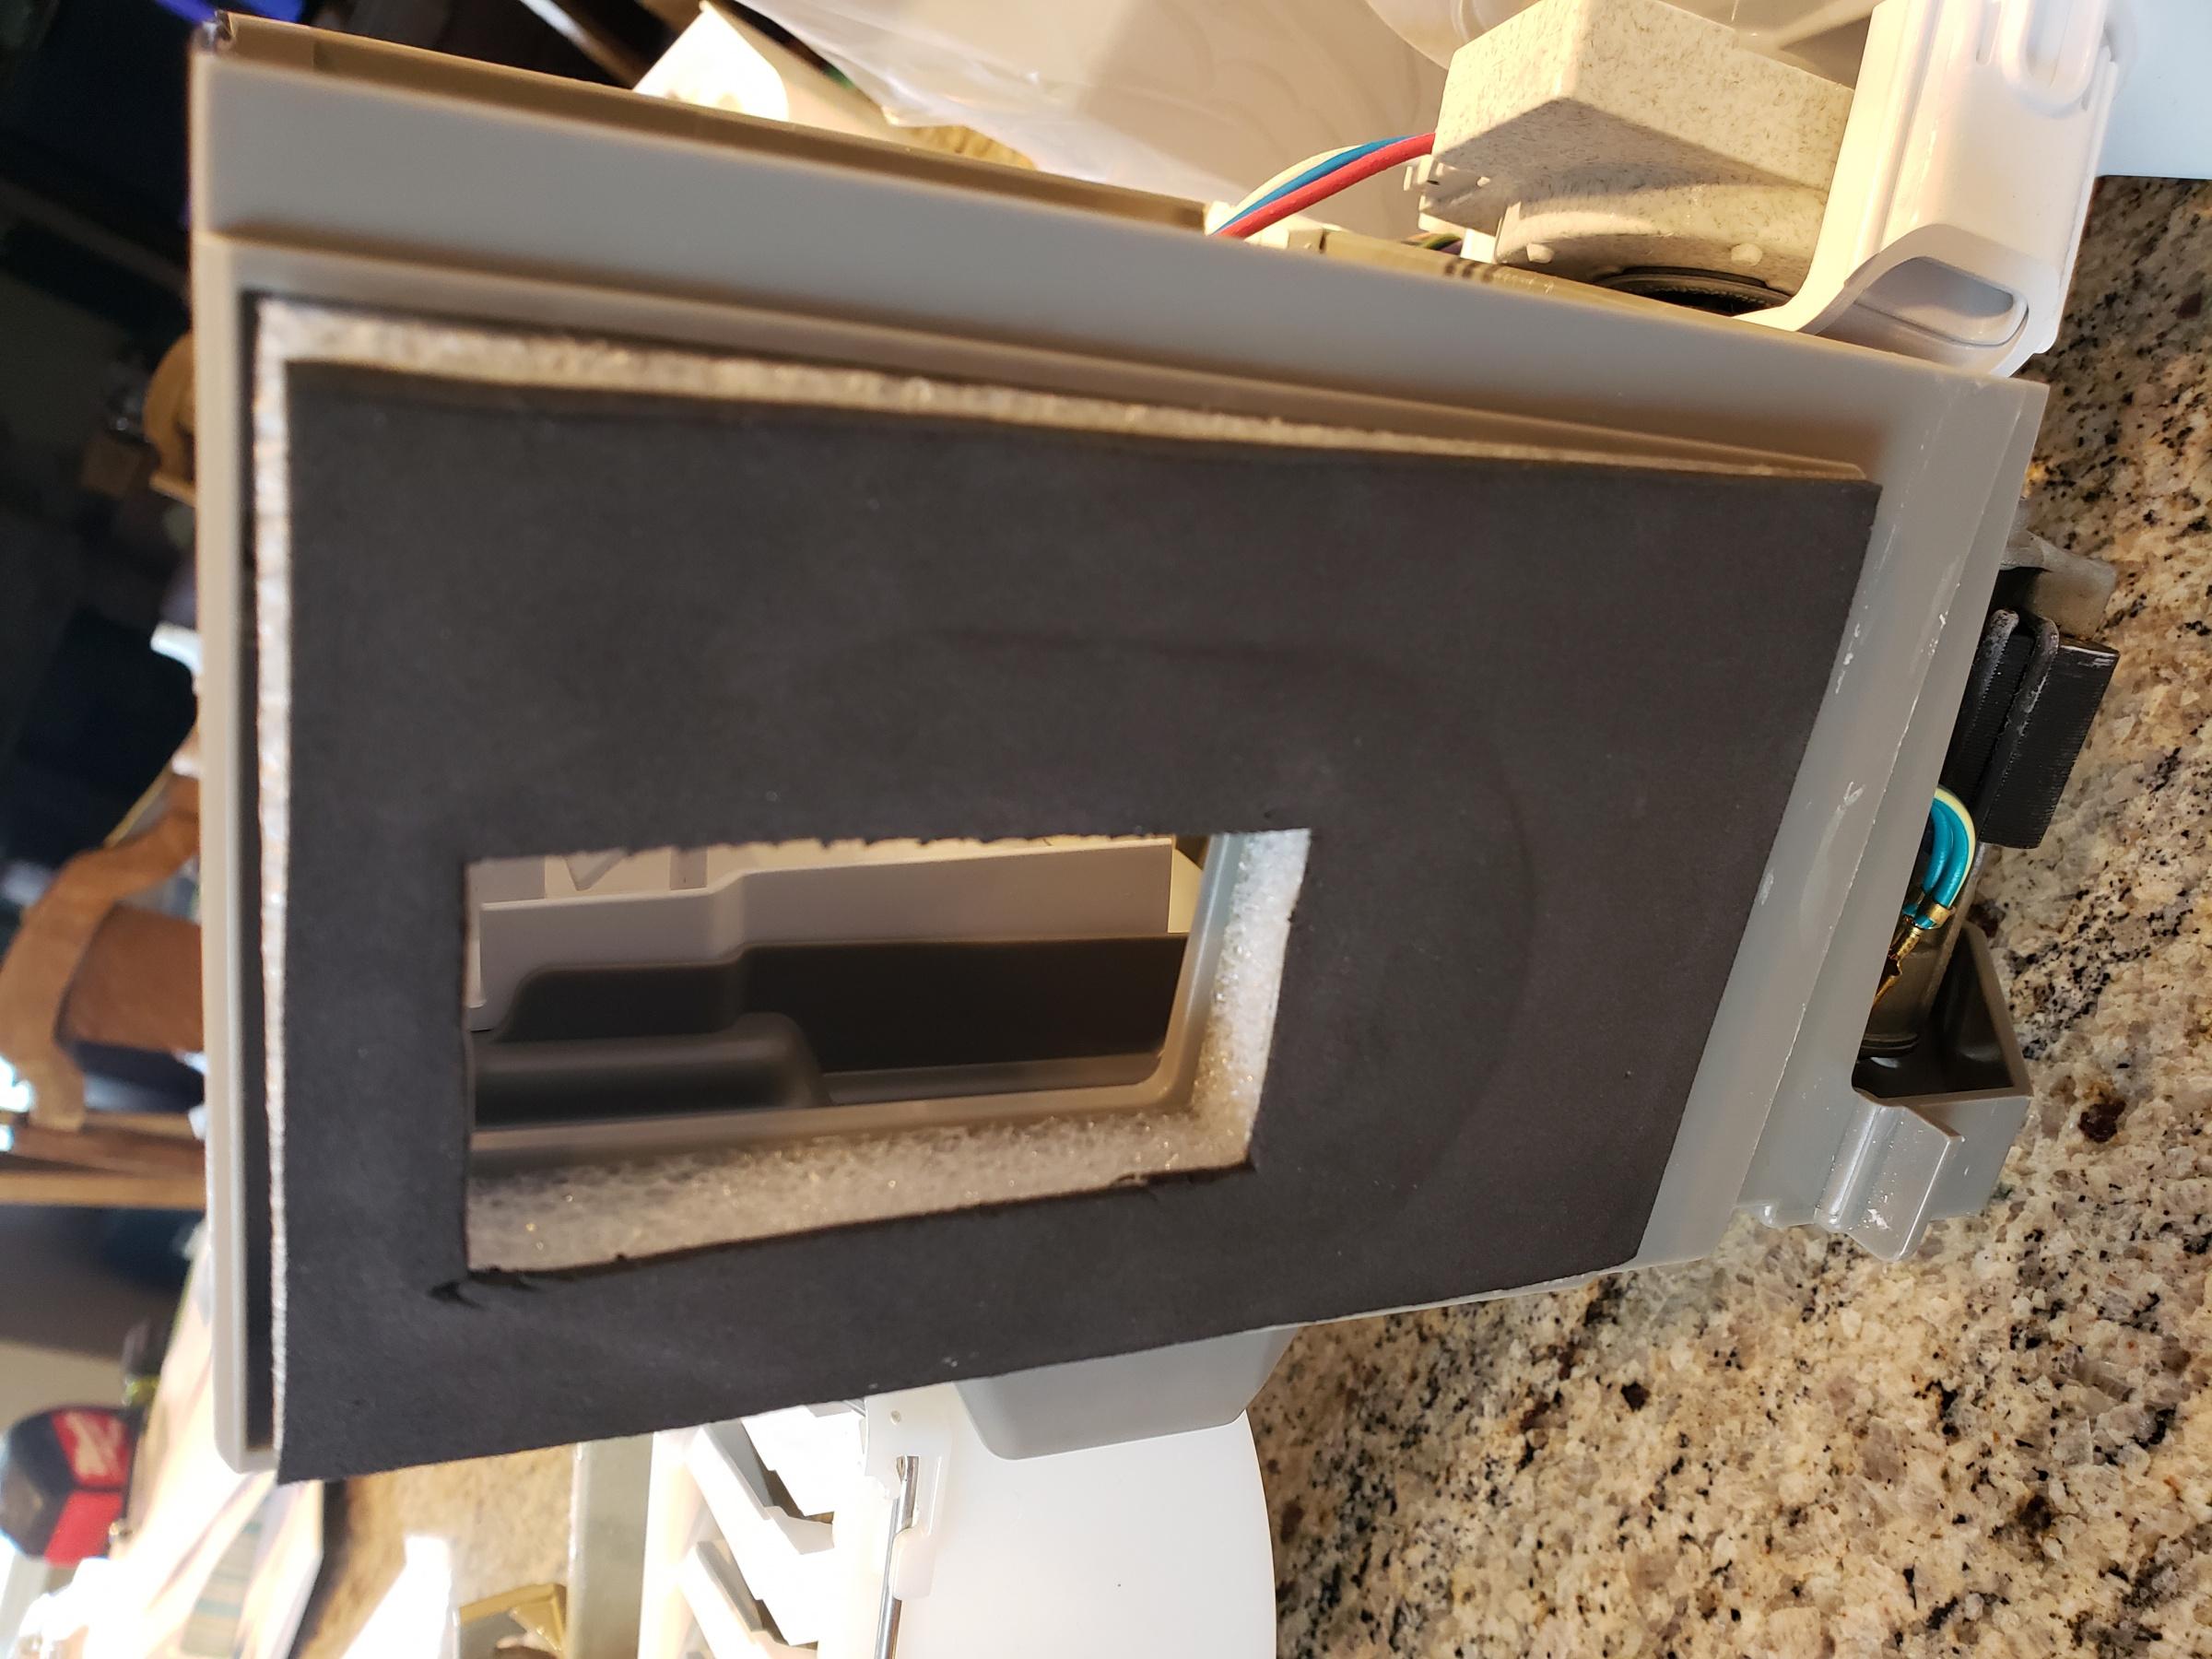 Jenn-air fridge  JFI2089AES2   fridge to cold-20200328_120818.jpg